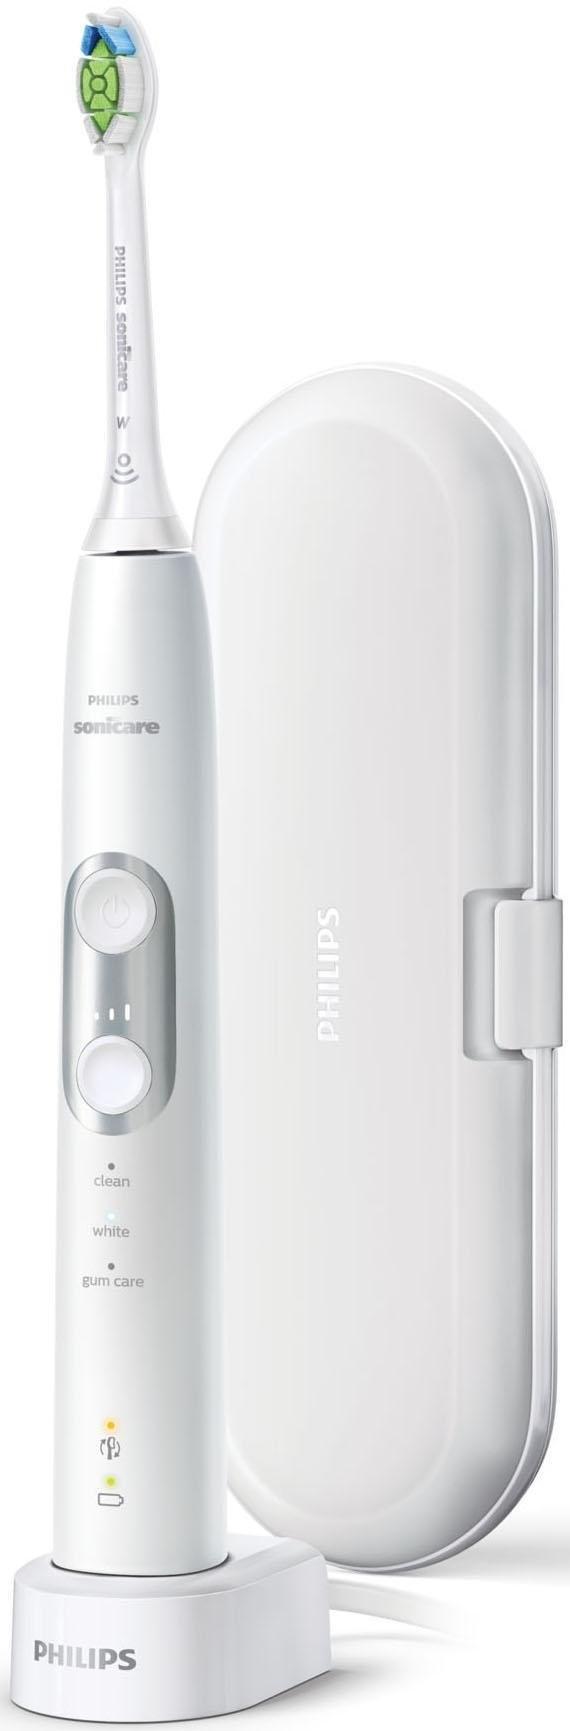 Philips Sonicare elektrische tandenborstel HX6877/28 ProtectiveClean 6100, ultrasone tandenborstel, met 3 poetsprogramma's inclusief reisetui & oplader voordelig en veilig online kopen